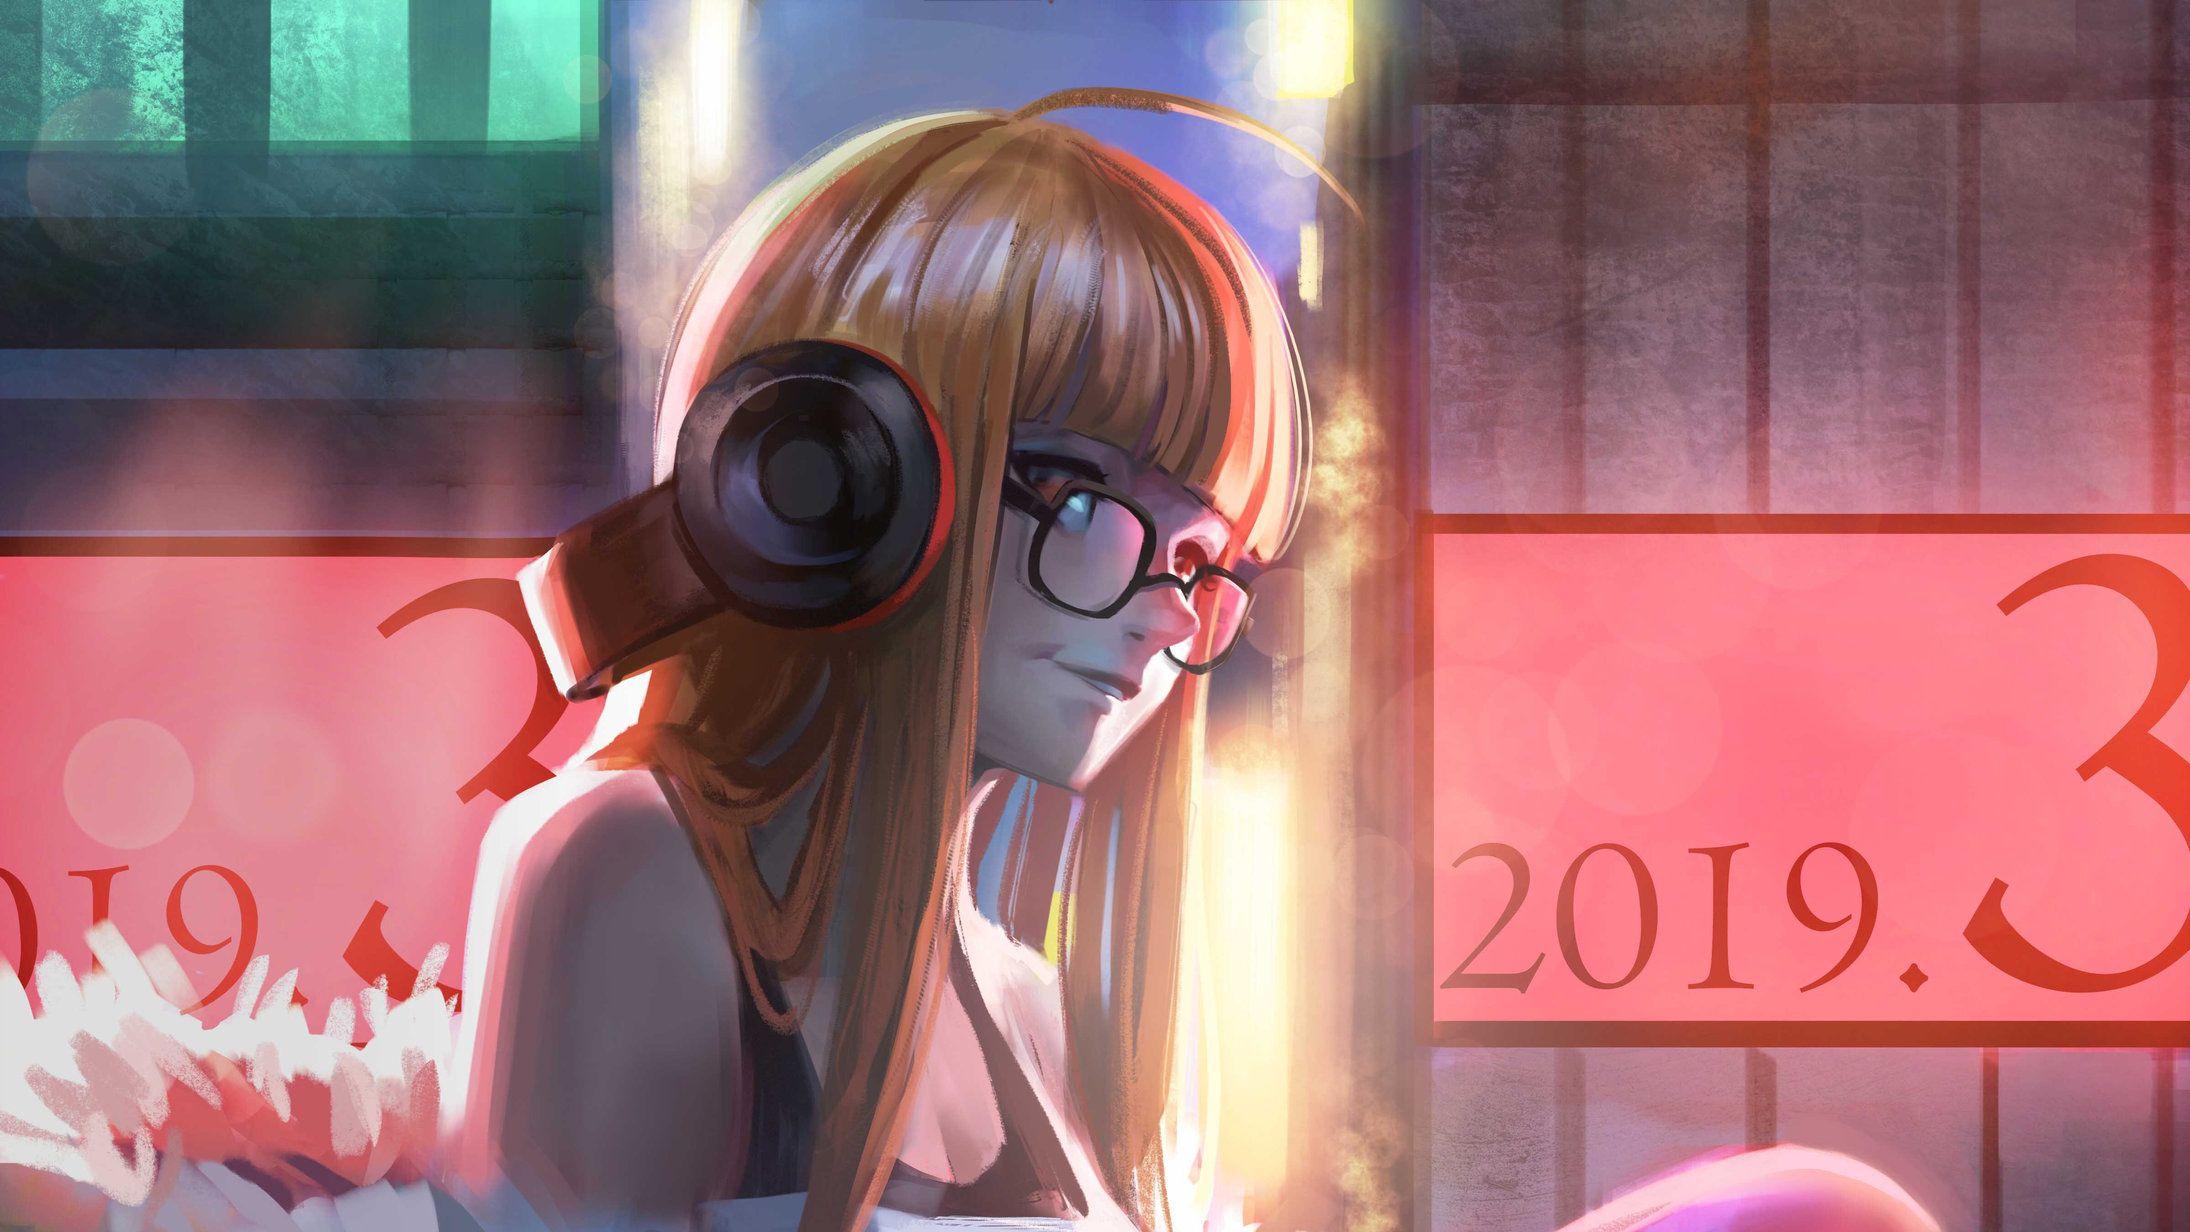 Persona 5 Wallpaper 2190x1232 Headphones Art Persona 5 Girl With Headphones